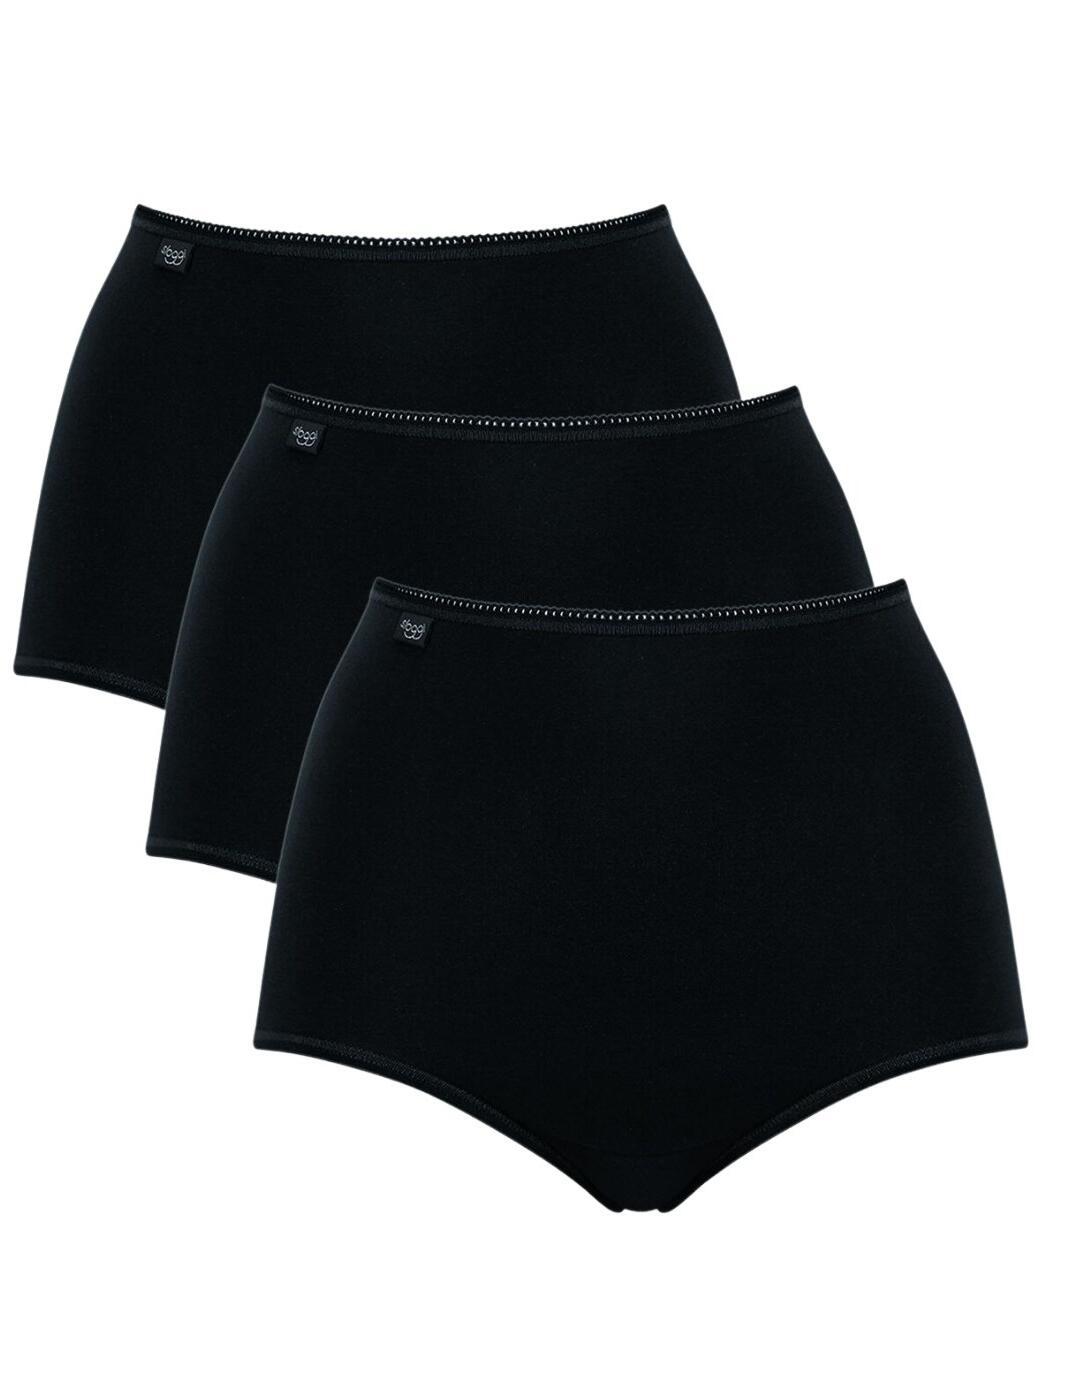 10167190 Sloggi 24/7 Cotton Maxi Brief 3 Pack - 10167190 Black